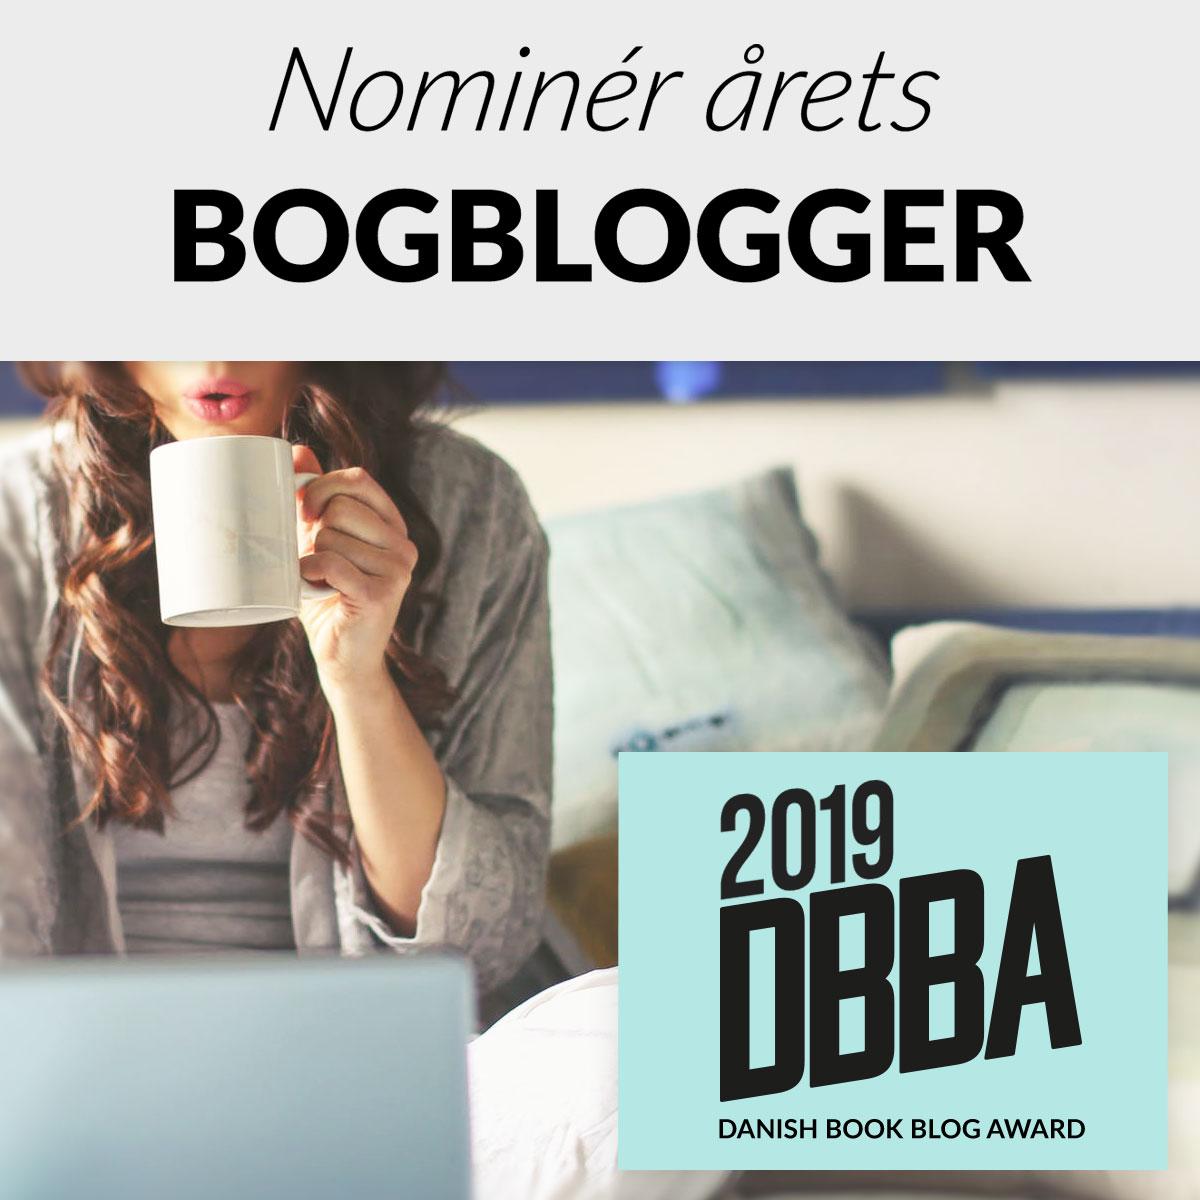 Kom med dit på hvilken bogblog der skal vinde Danish book blog award 2019